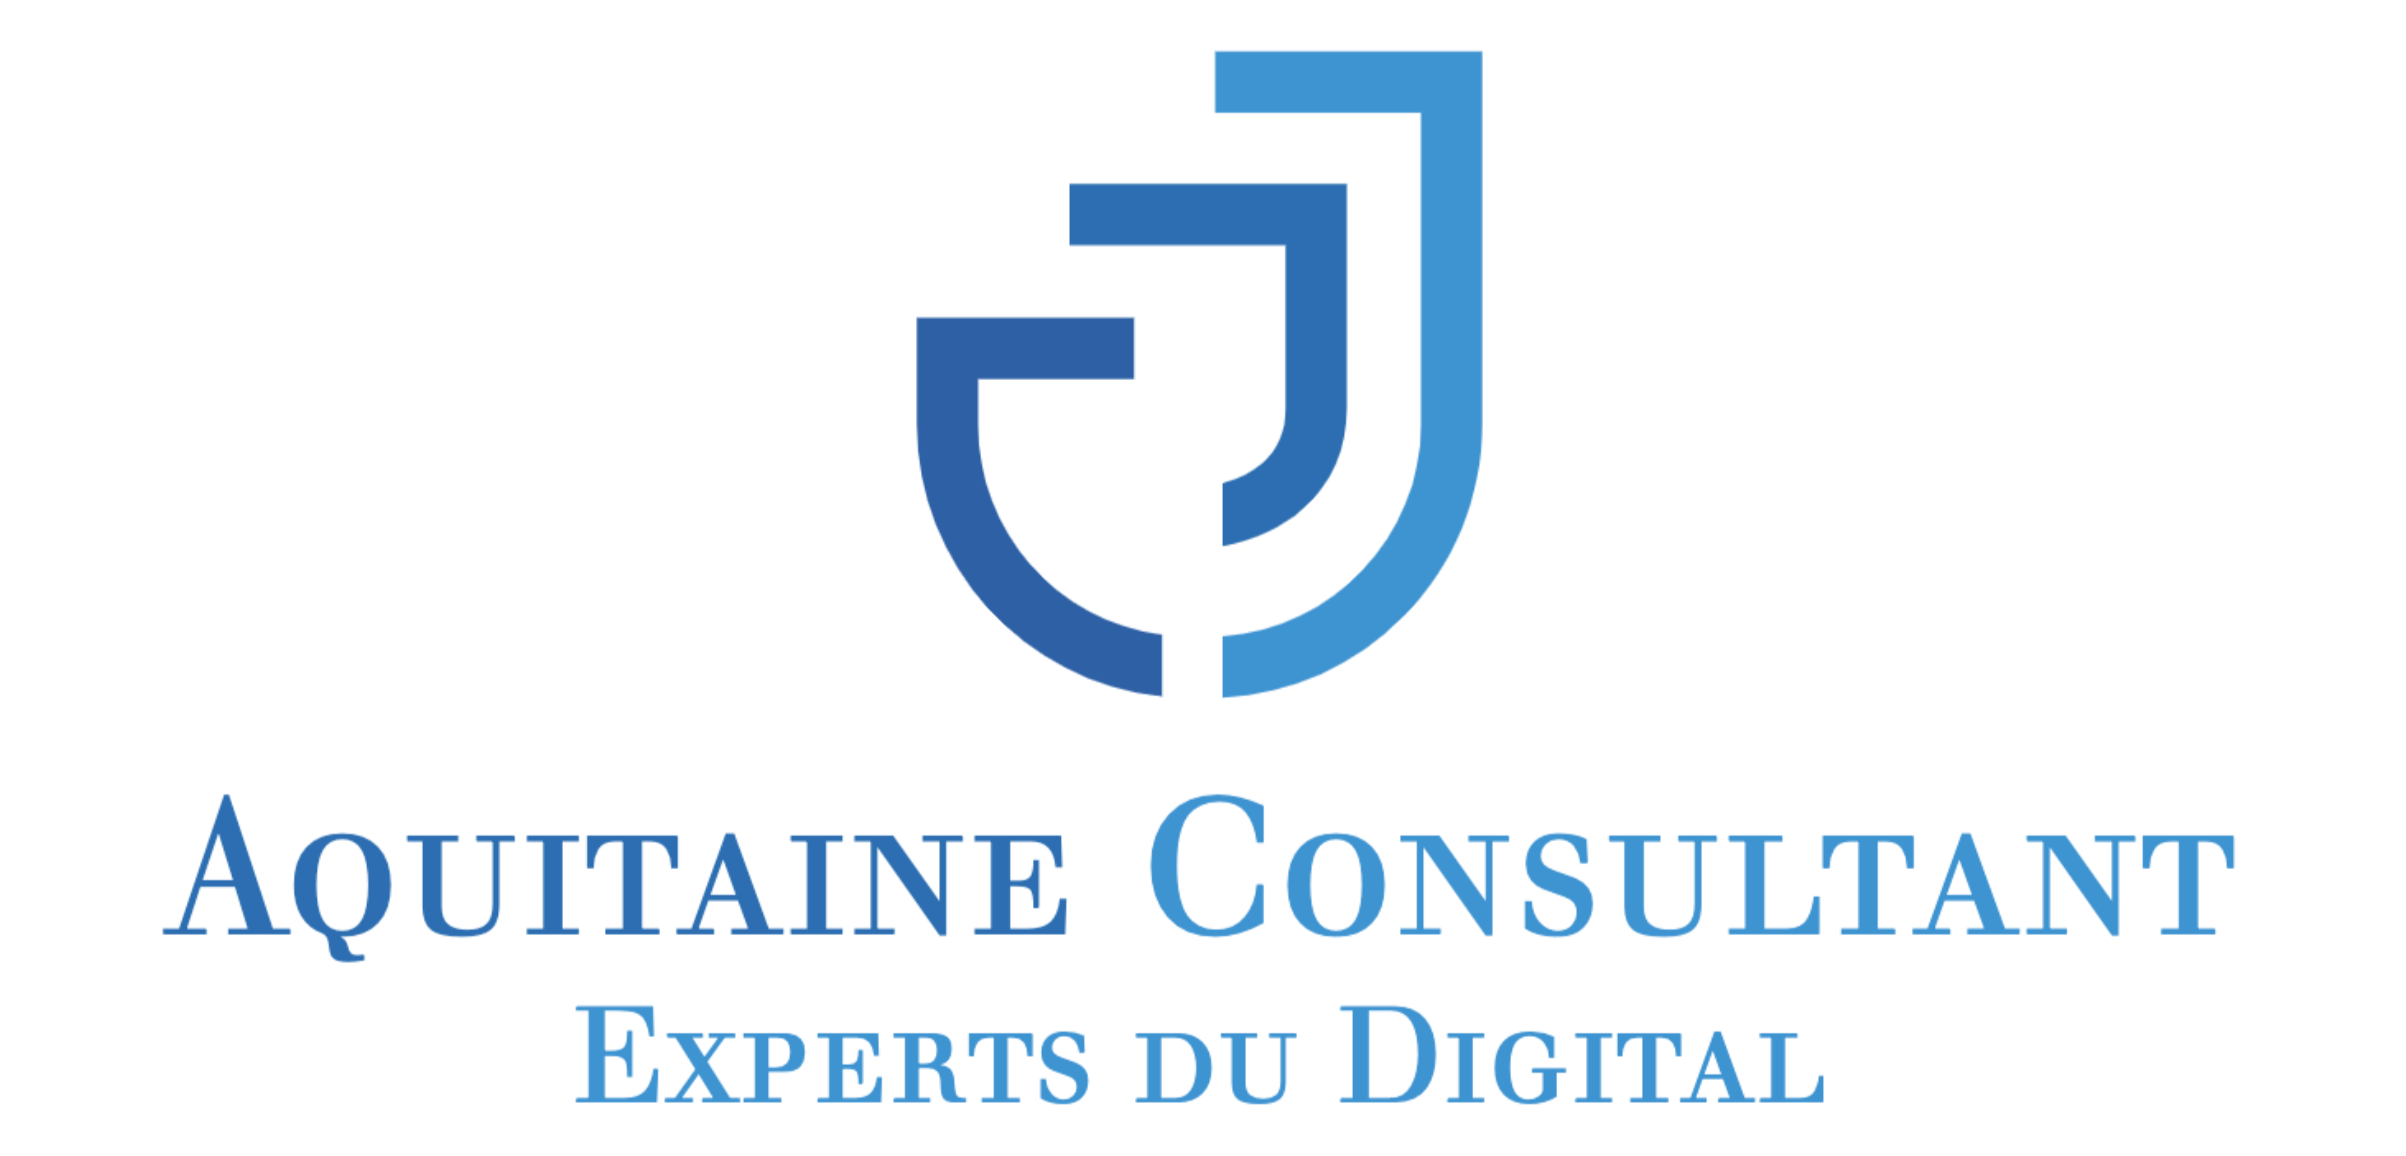 aquitaine-consultant-logo